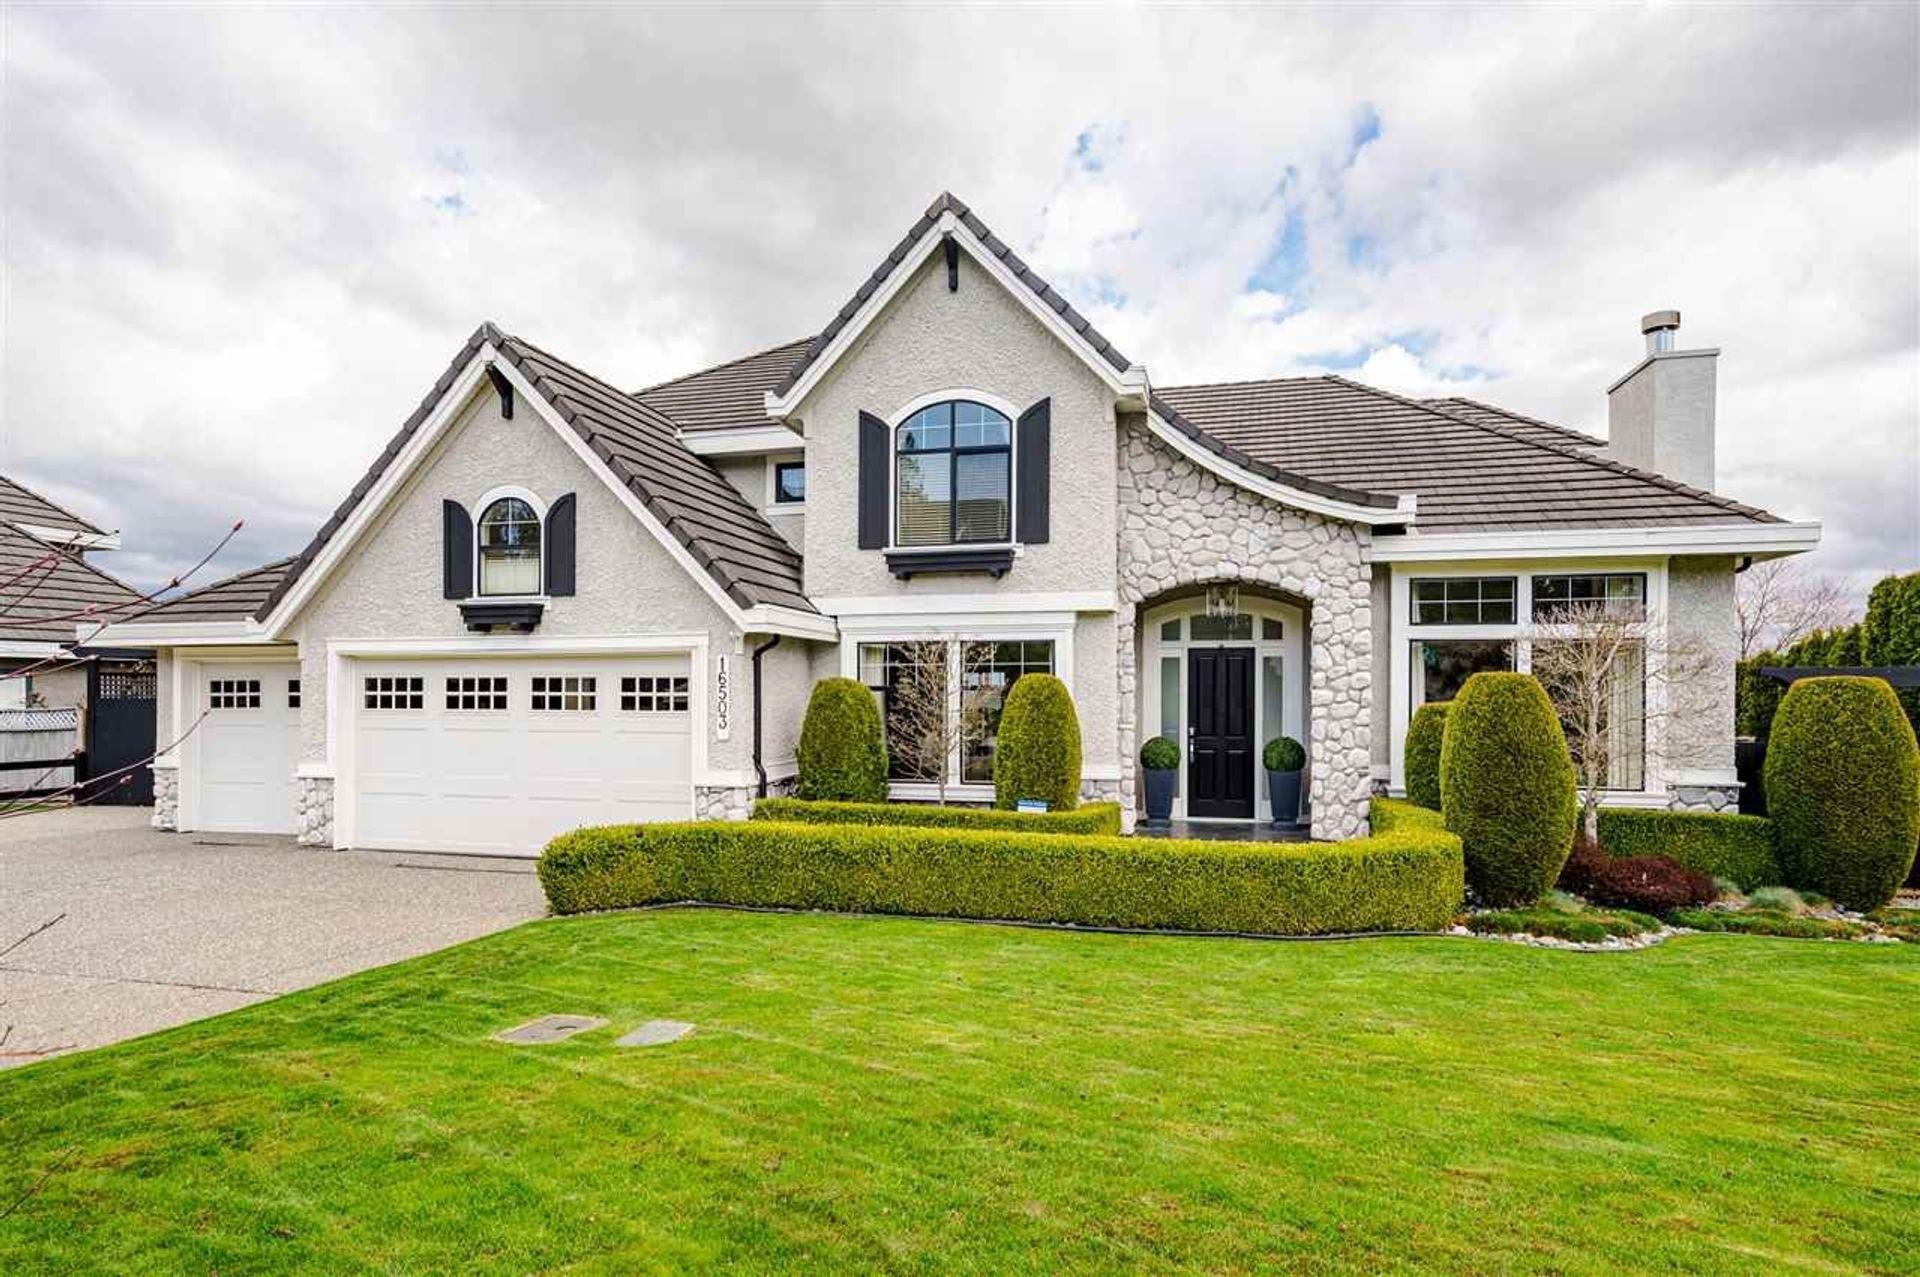 16503 111 Avenue, Fraser Heights, North Surrey